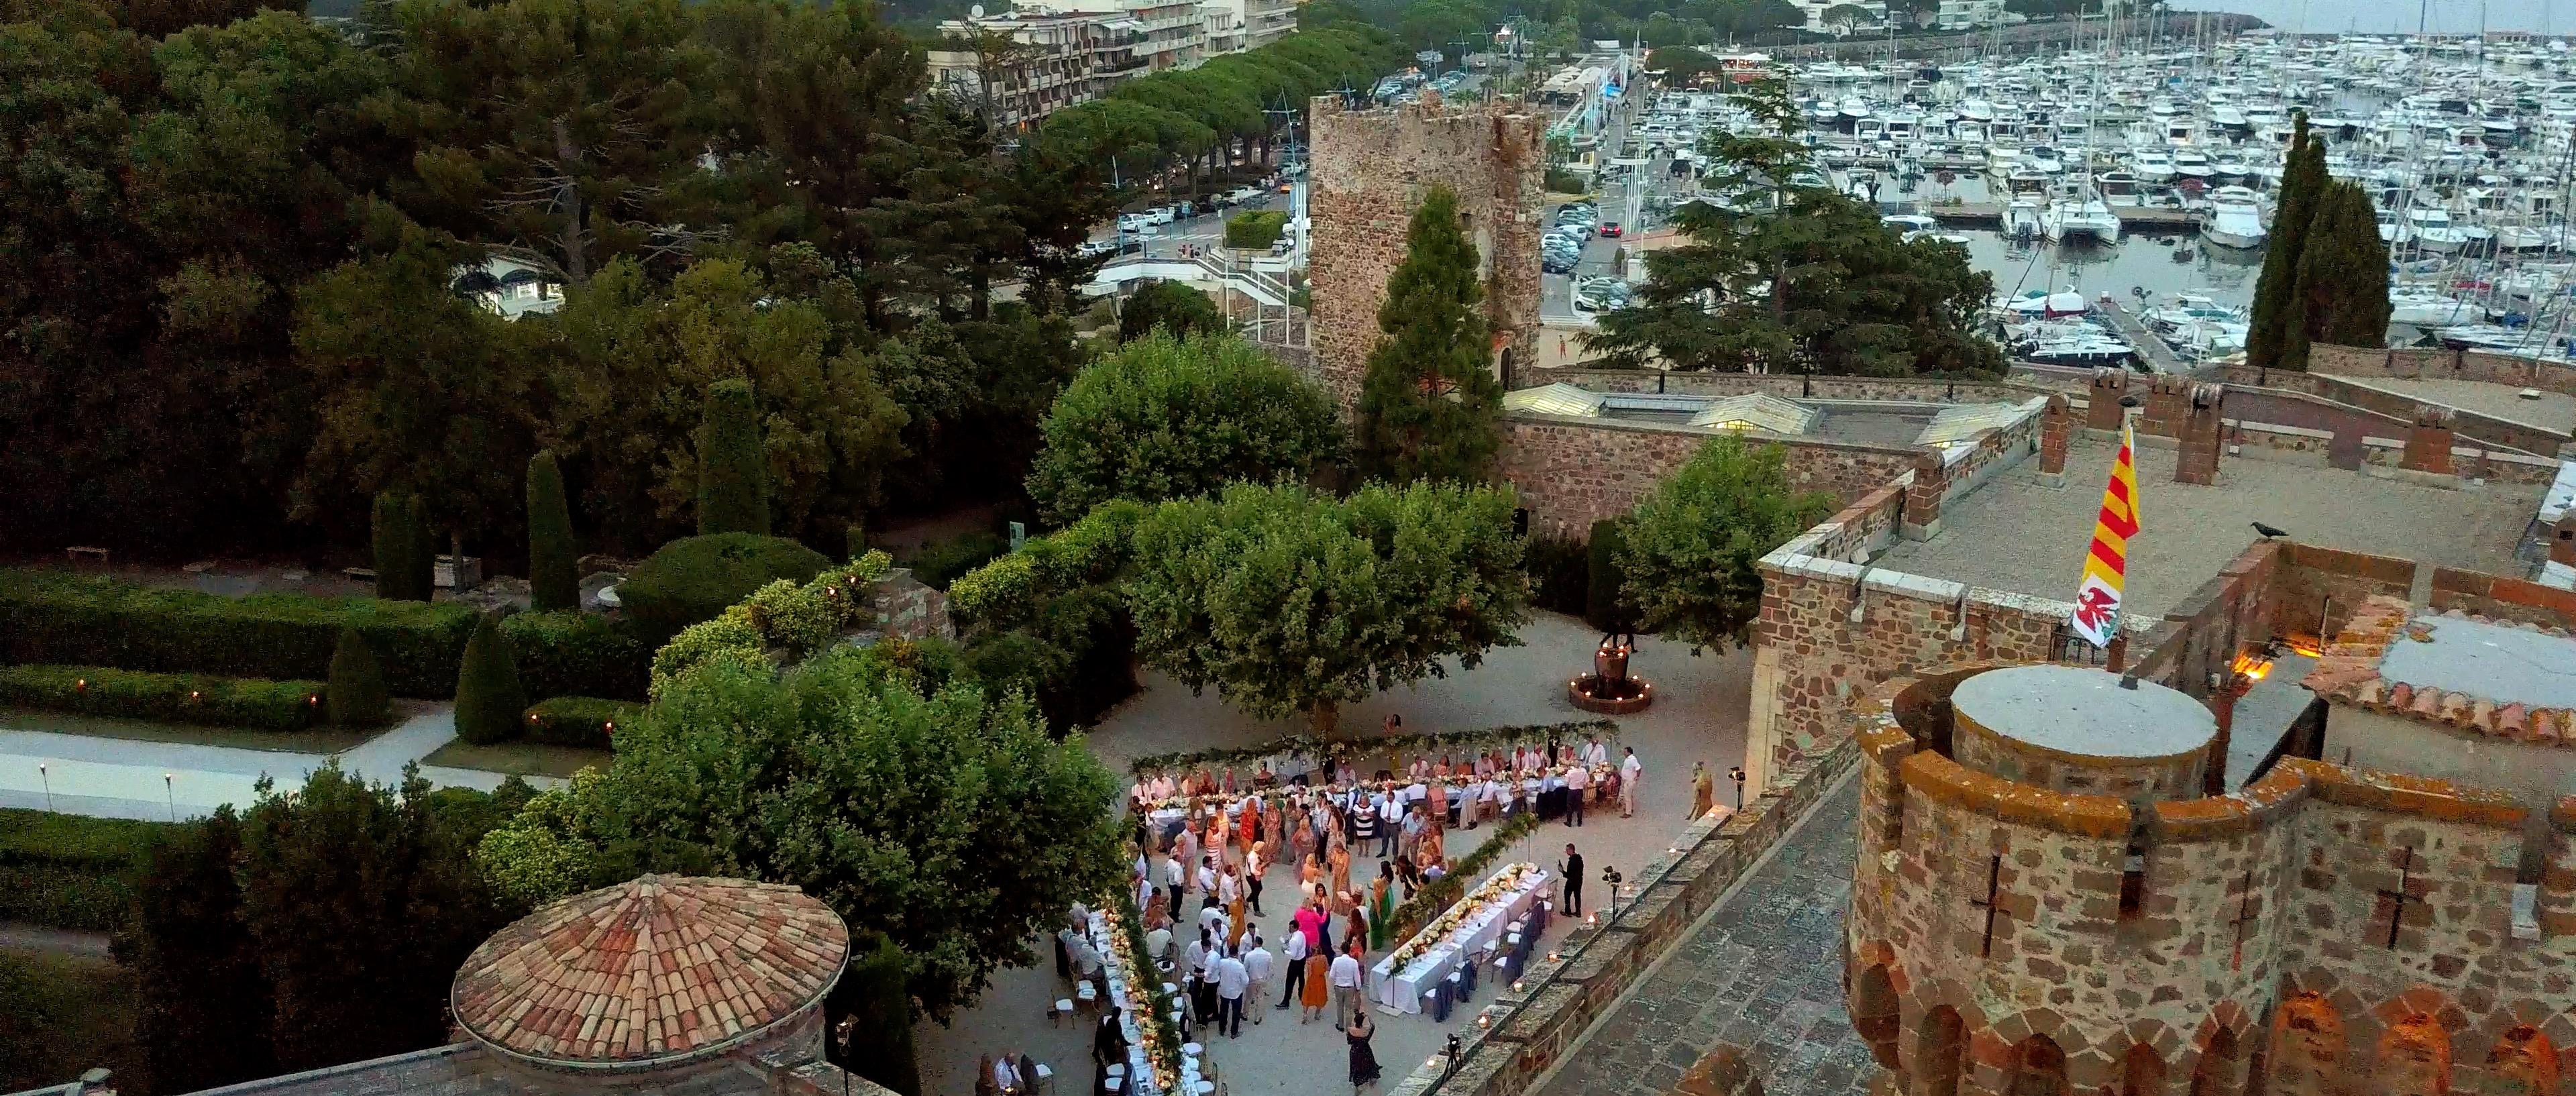 Chateau de la CHATEAU DE LA NAPOULE WEDDING